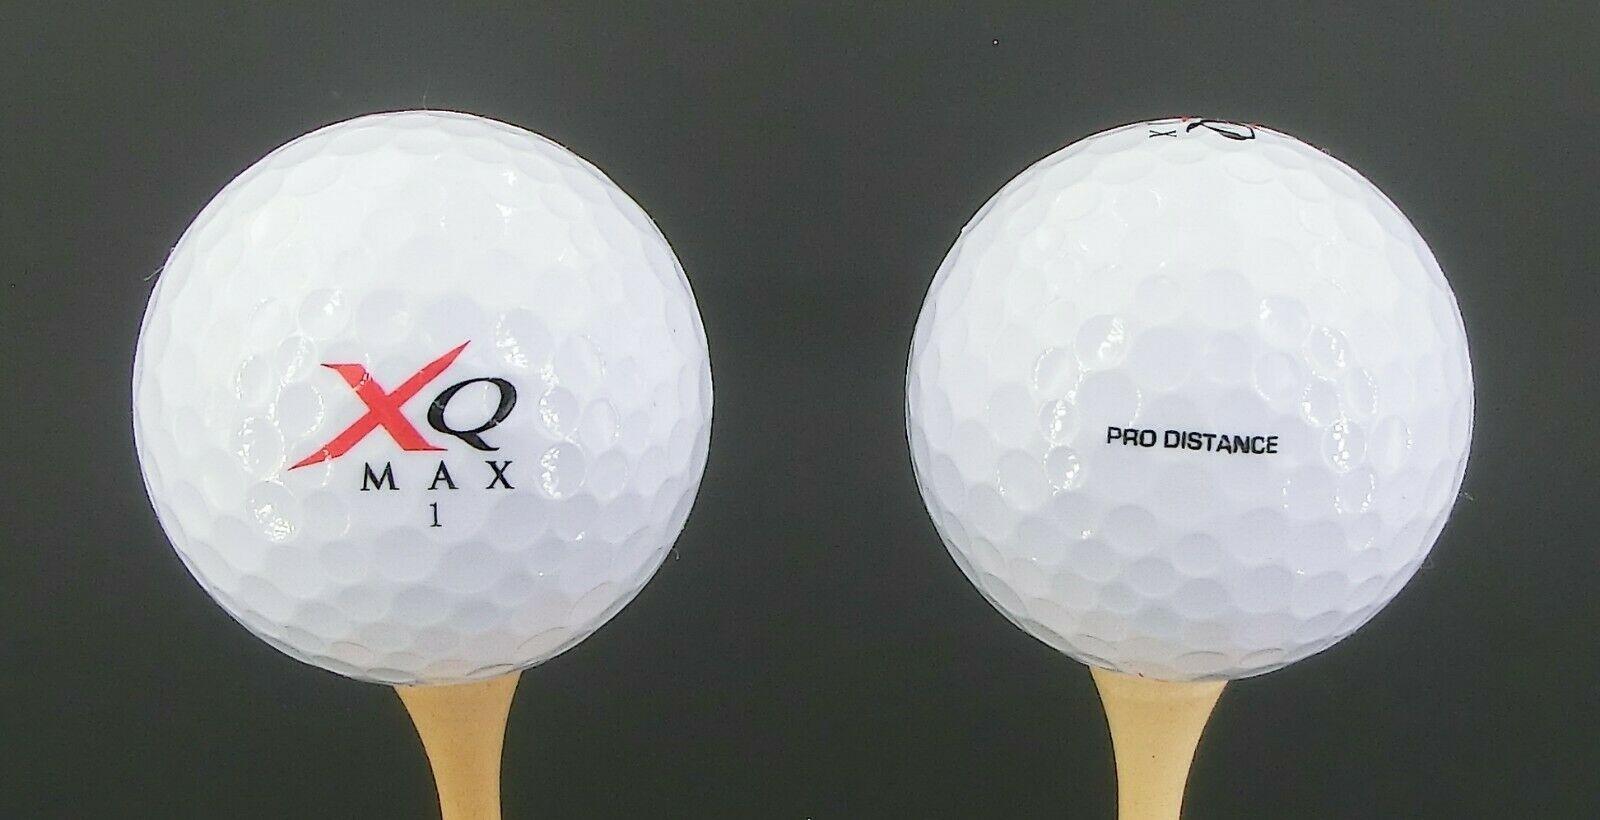 Doos met 50 XQ-MAX Golfballen - Titanium Core - 352 dimples - 50 stuks